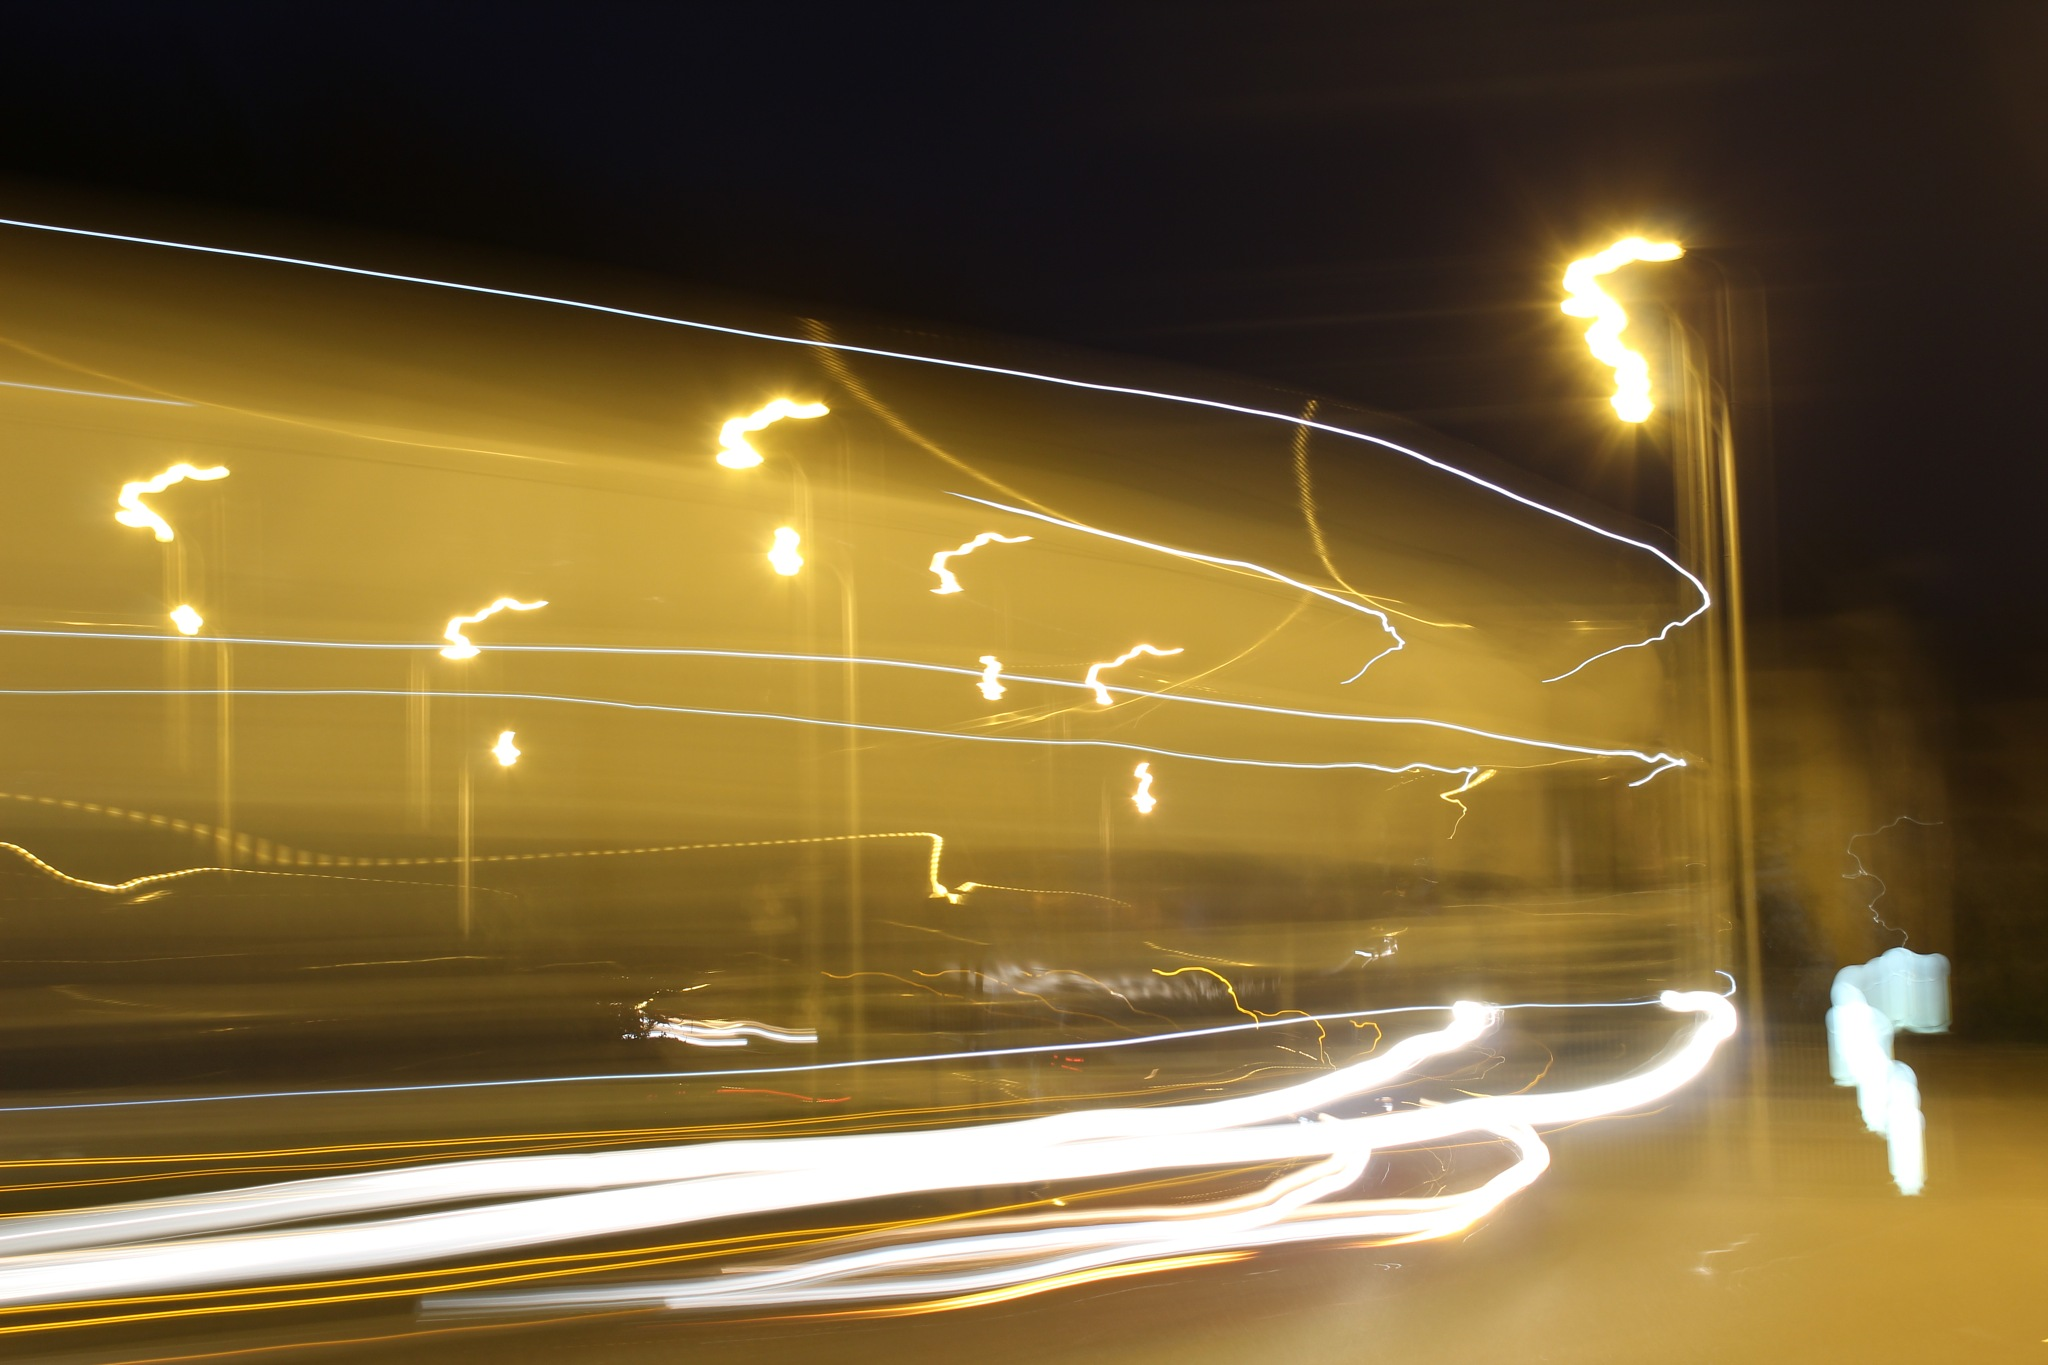 Car lights by gwenllian806